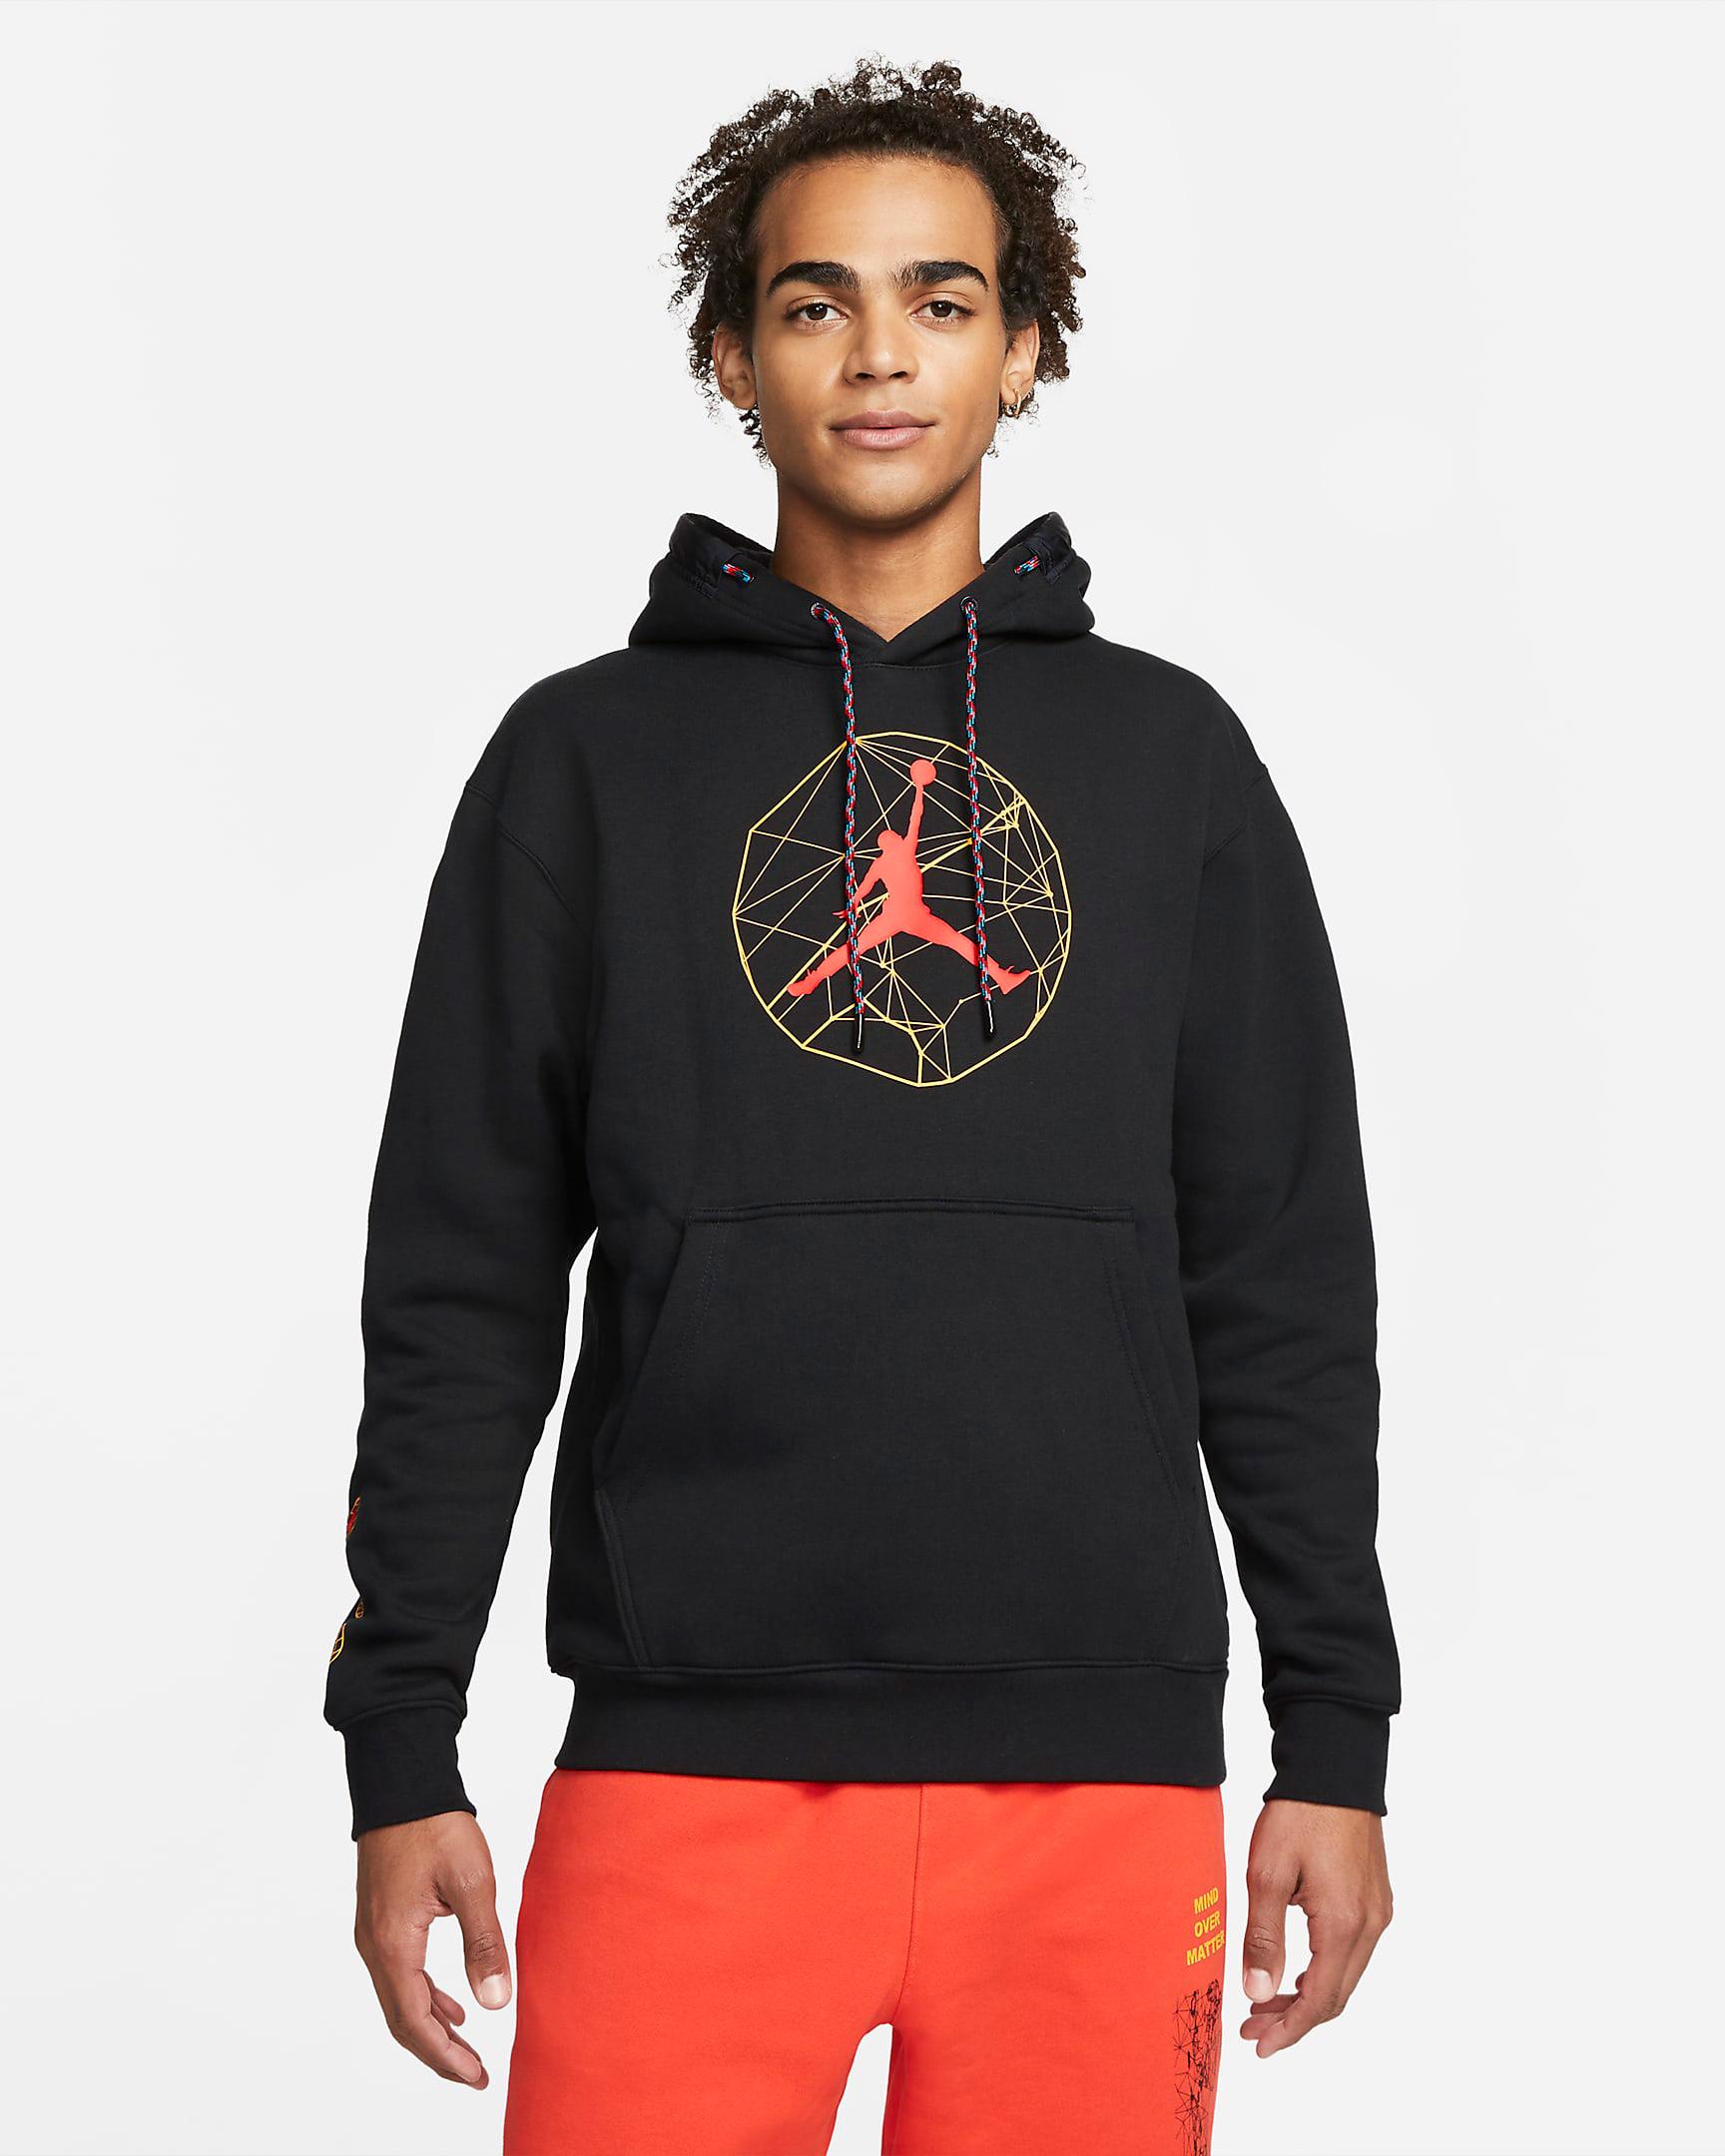 jordan-essentials-mountainside-hoodie-black-chile-red-1